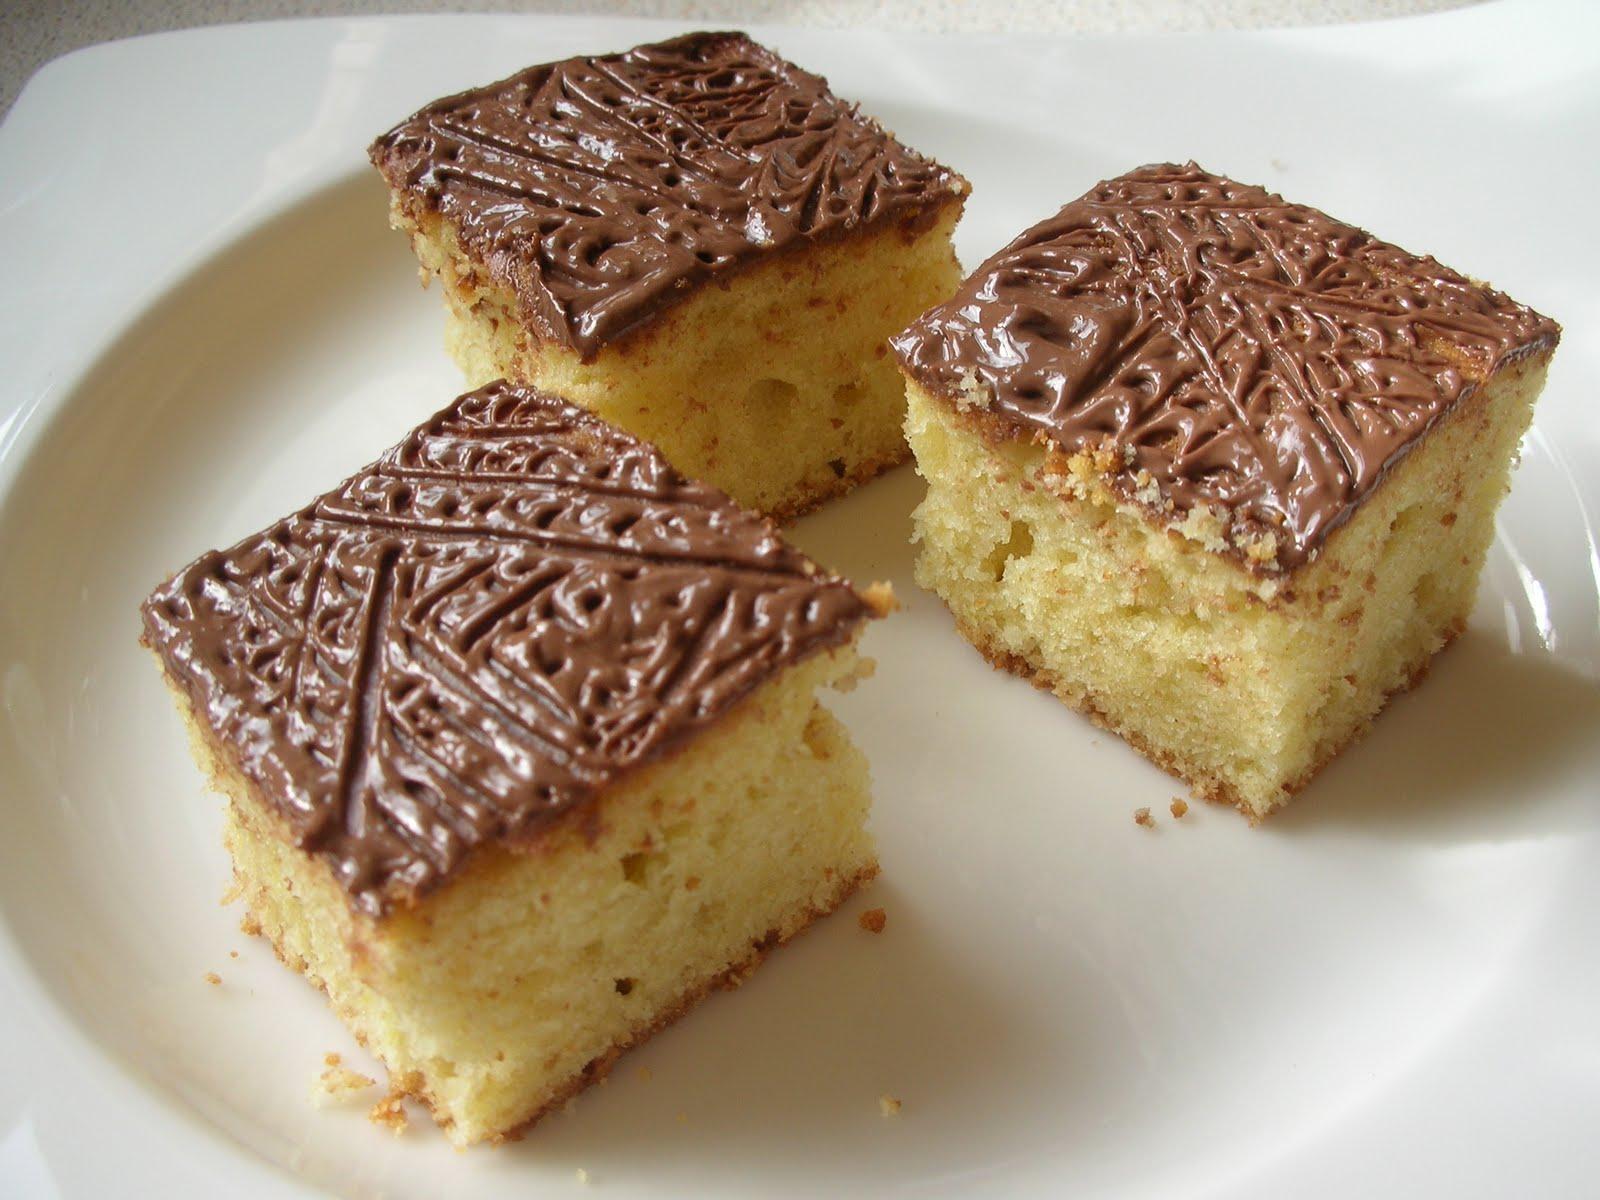 Sponge Cake With A Twist